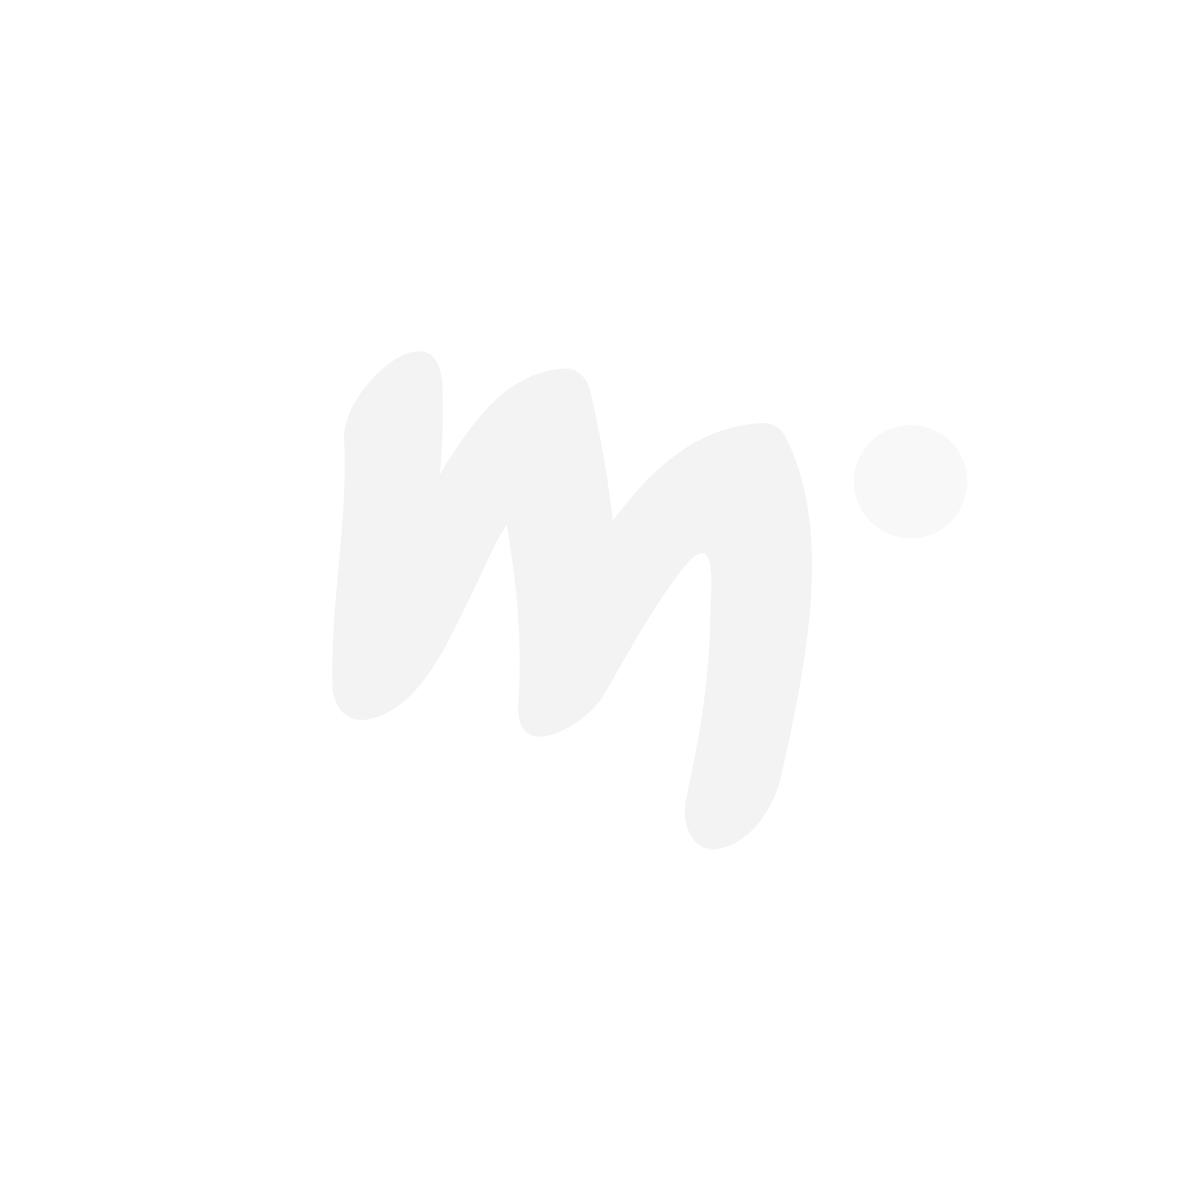 Muumi Viidakkokukka-hattu pinkki, nauhallinen